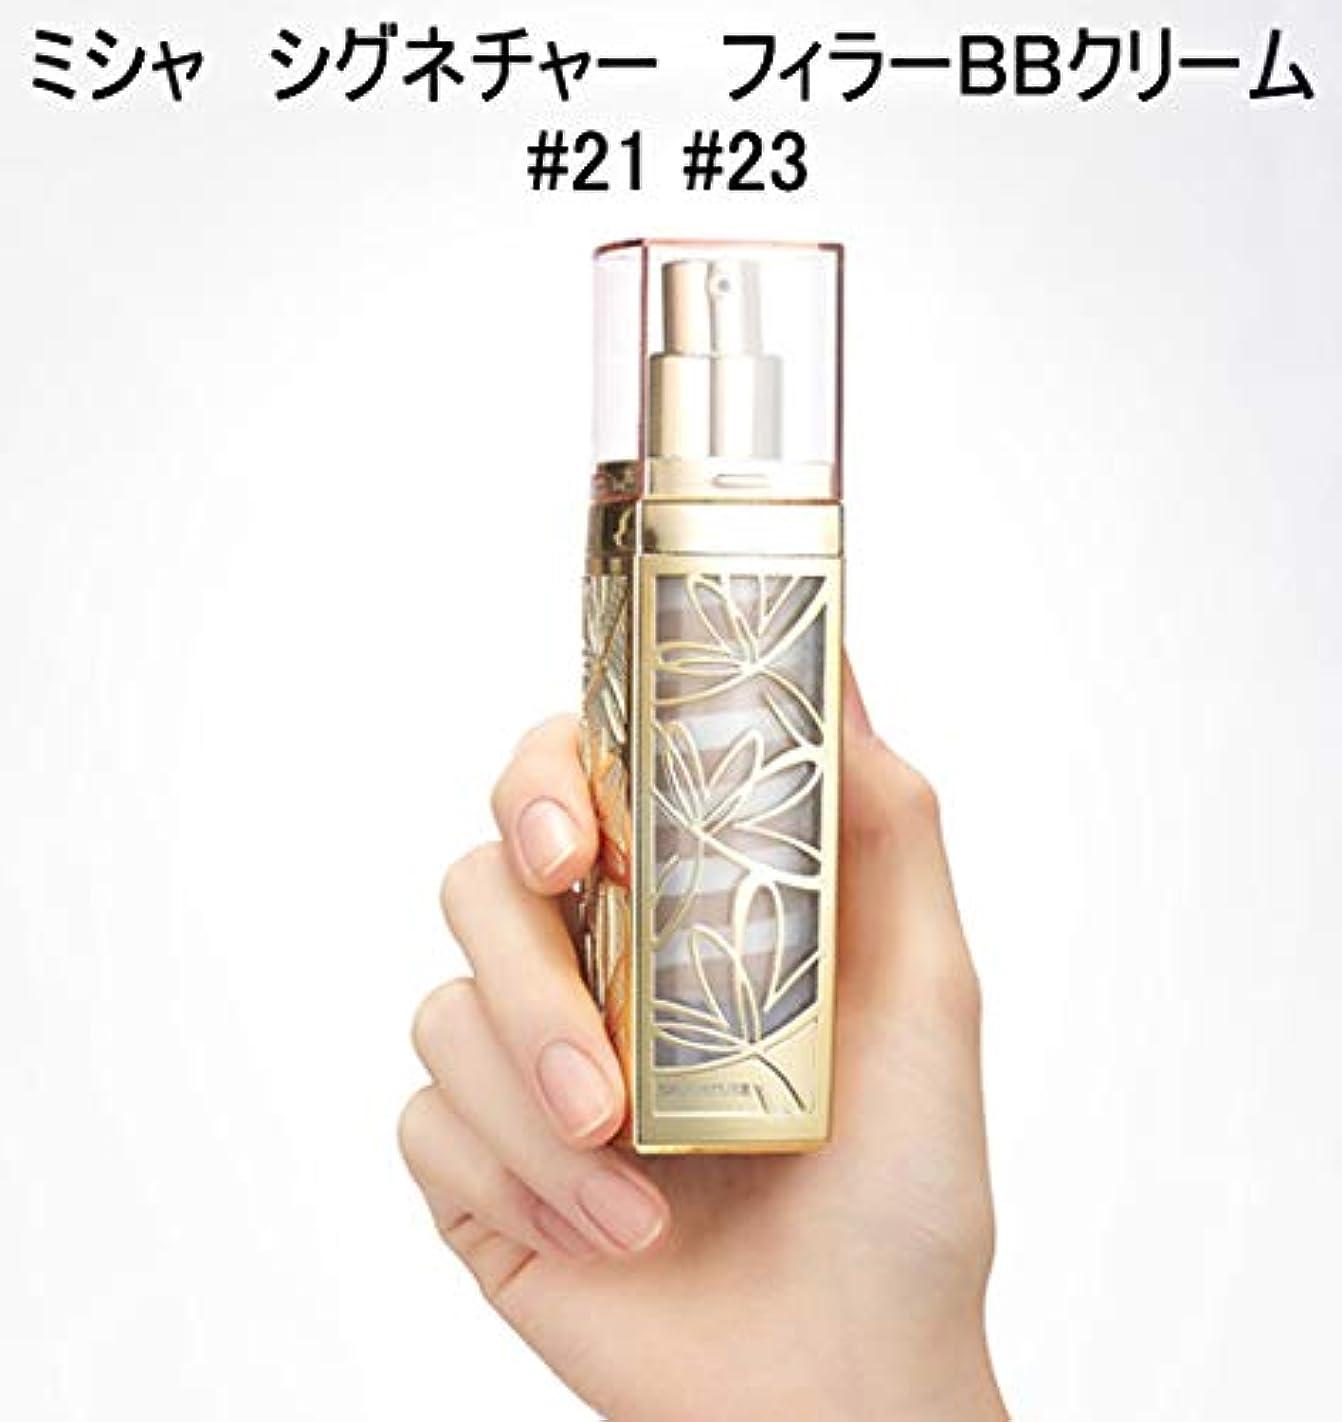 【3本セット】ミシャ シグネチャー フィラー BBクリーム #23号 3本セット SPF37/PA++ 44g×2本セット [並行輸入品]